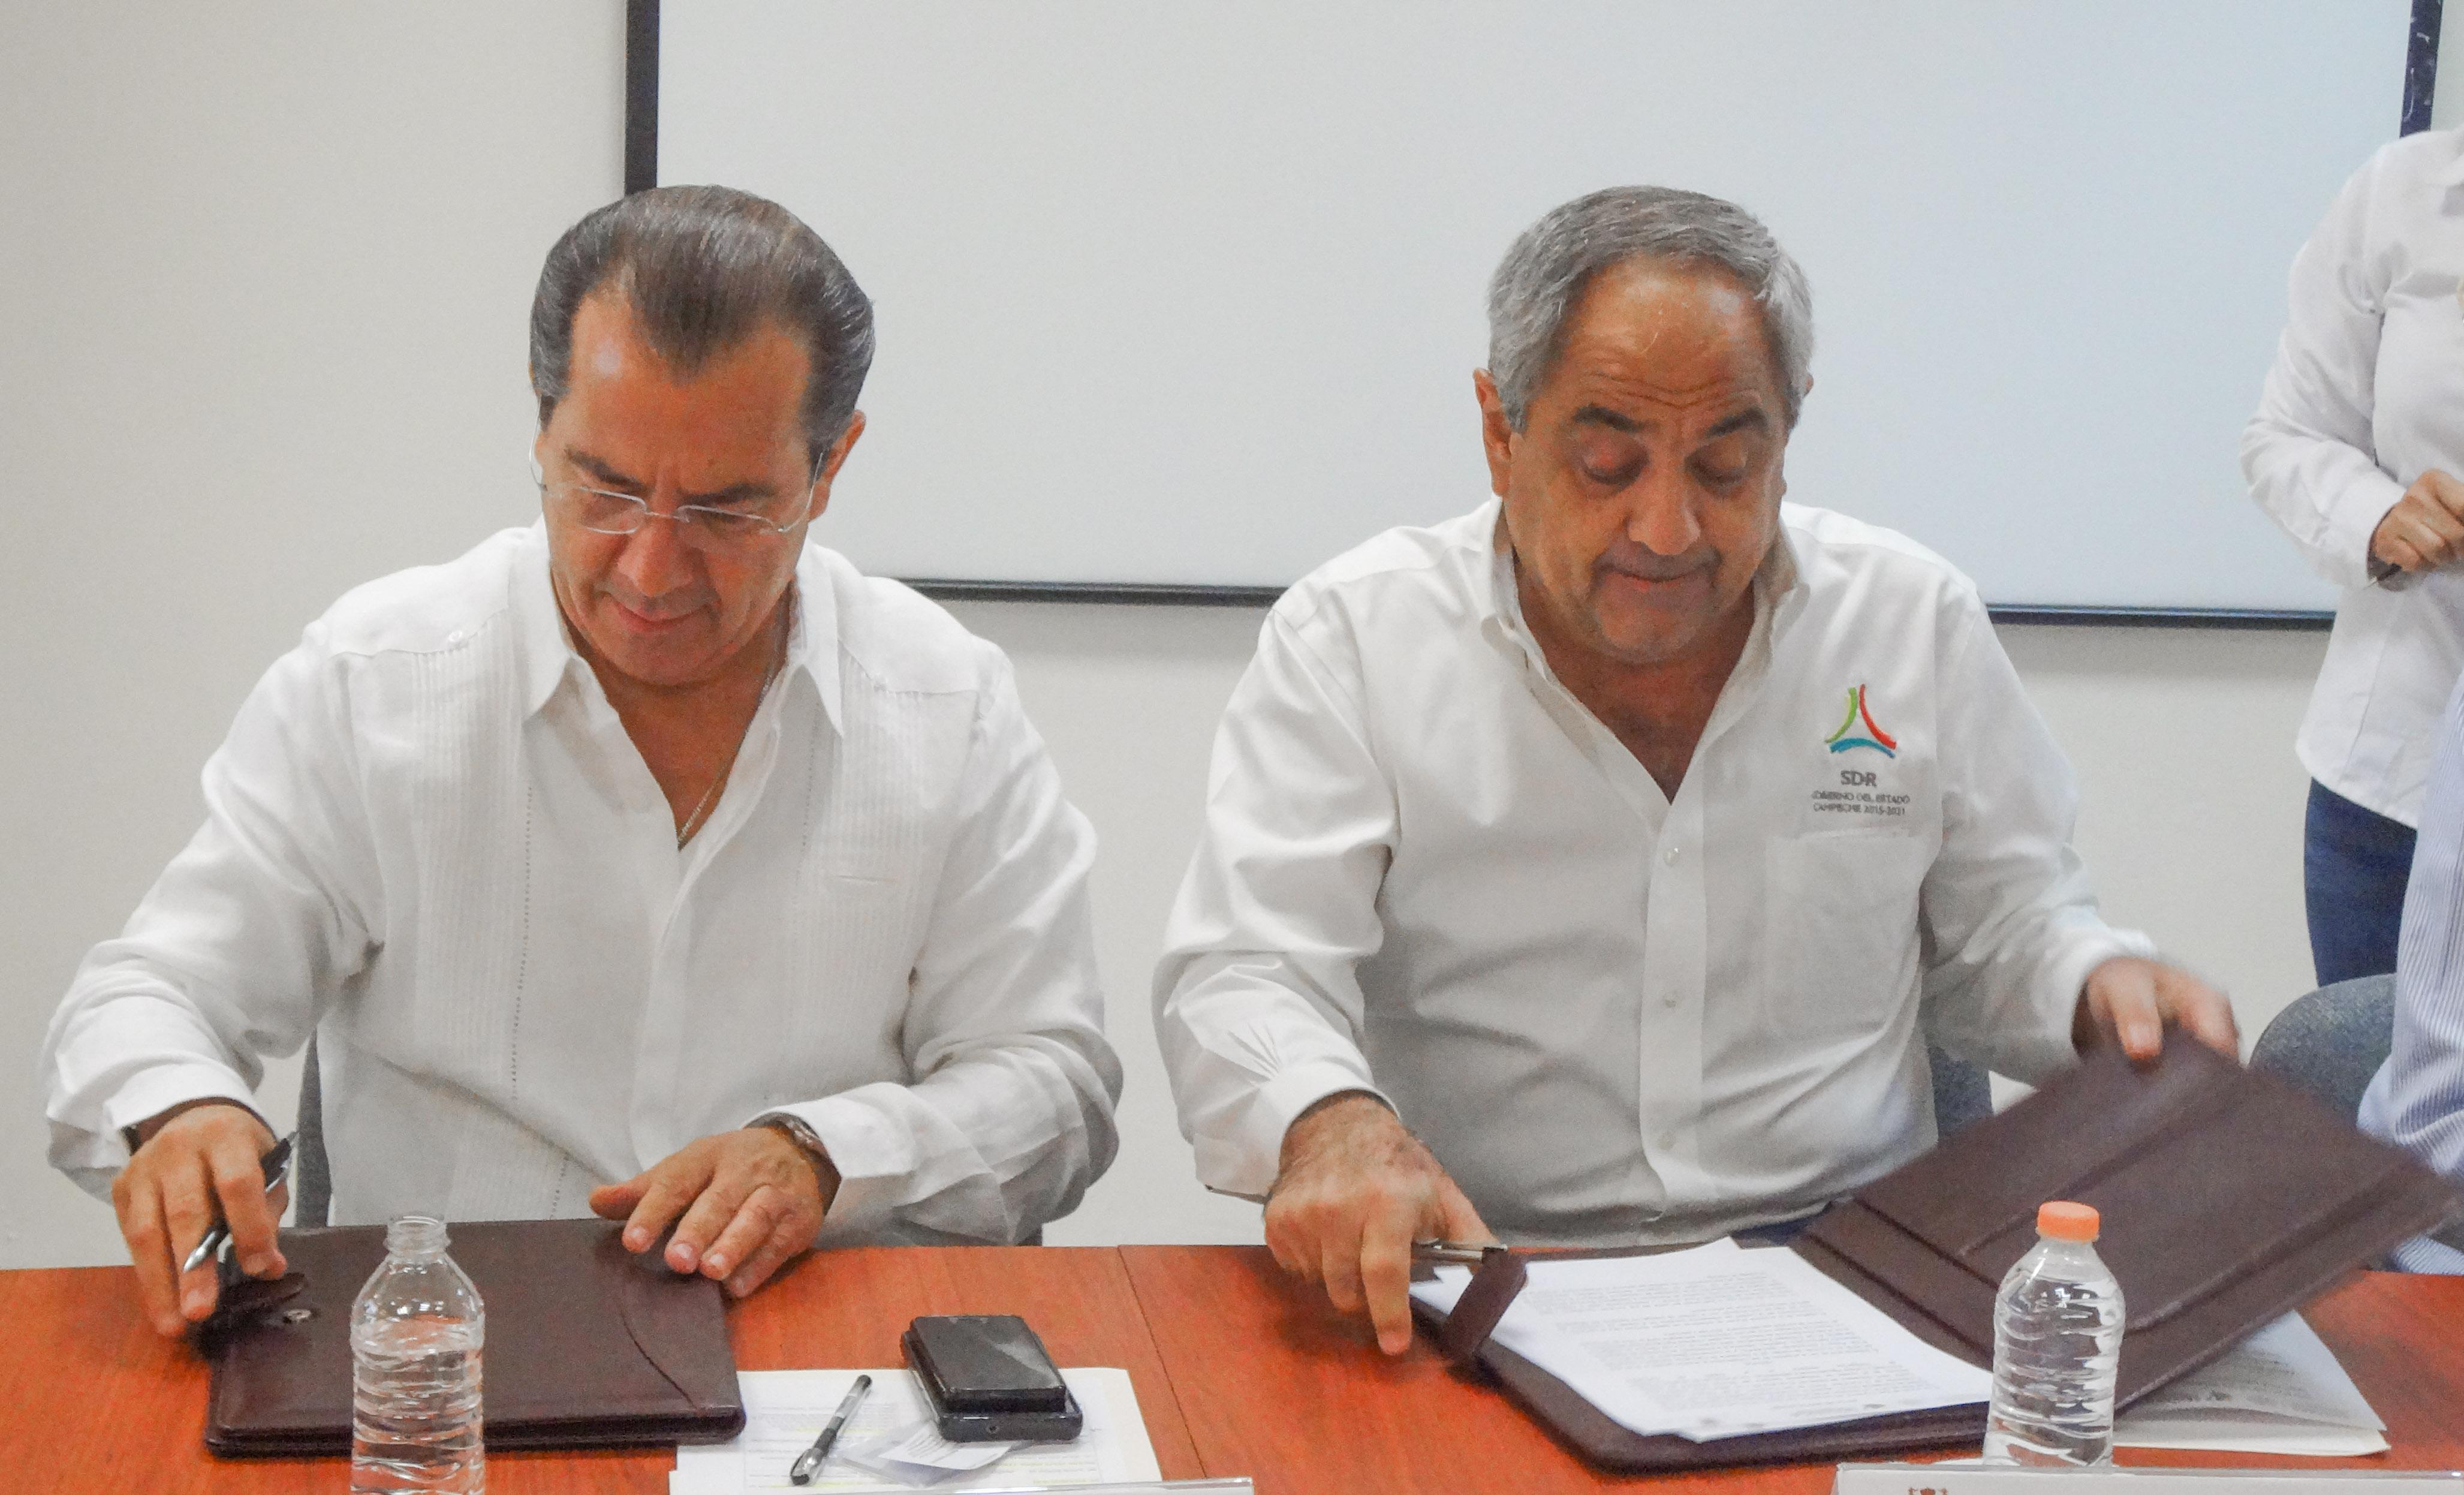 Esta es la tercera Unidad de Inteligencia Sanitaria (UIS) estatal que se instala, después de Yucatán y Jalisco.